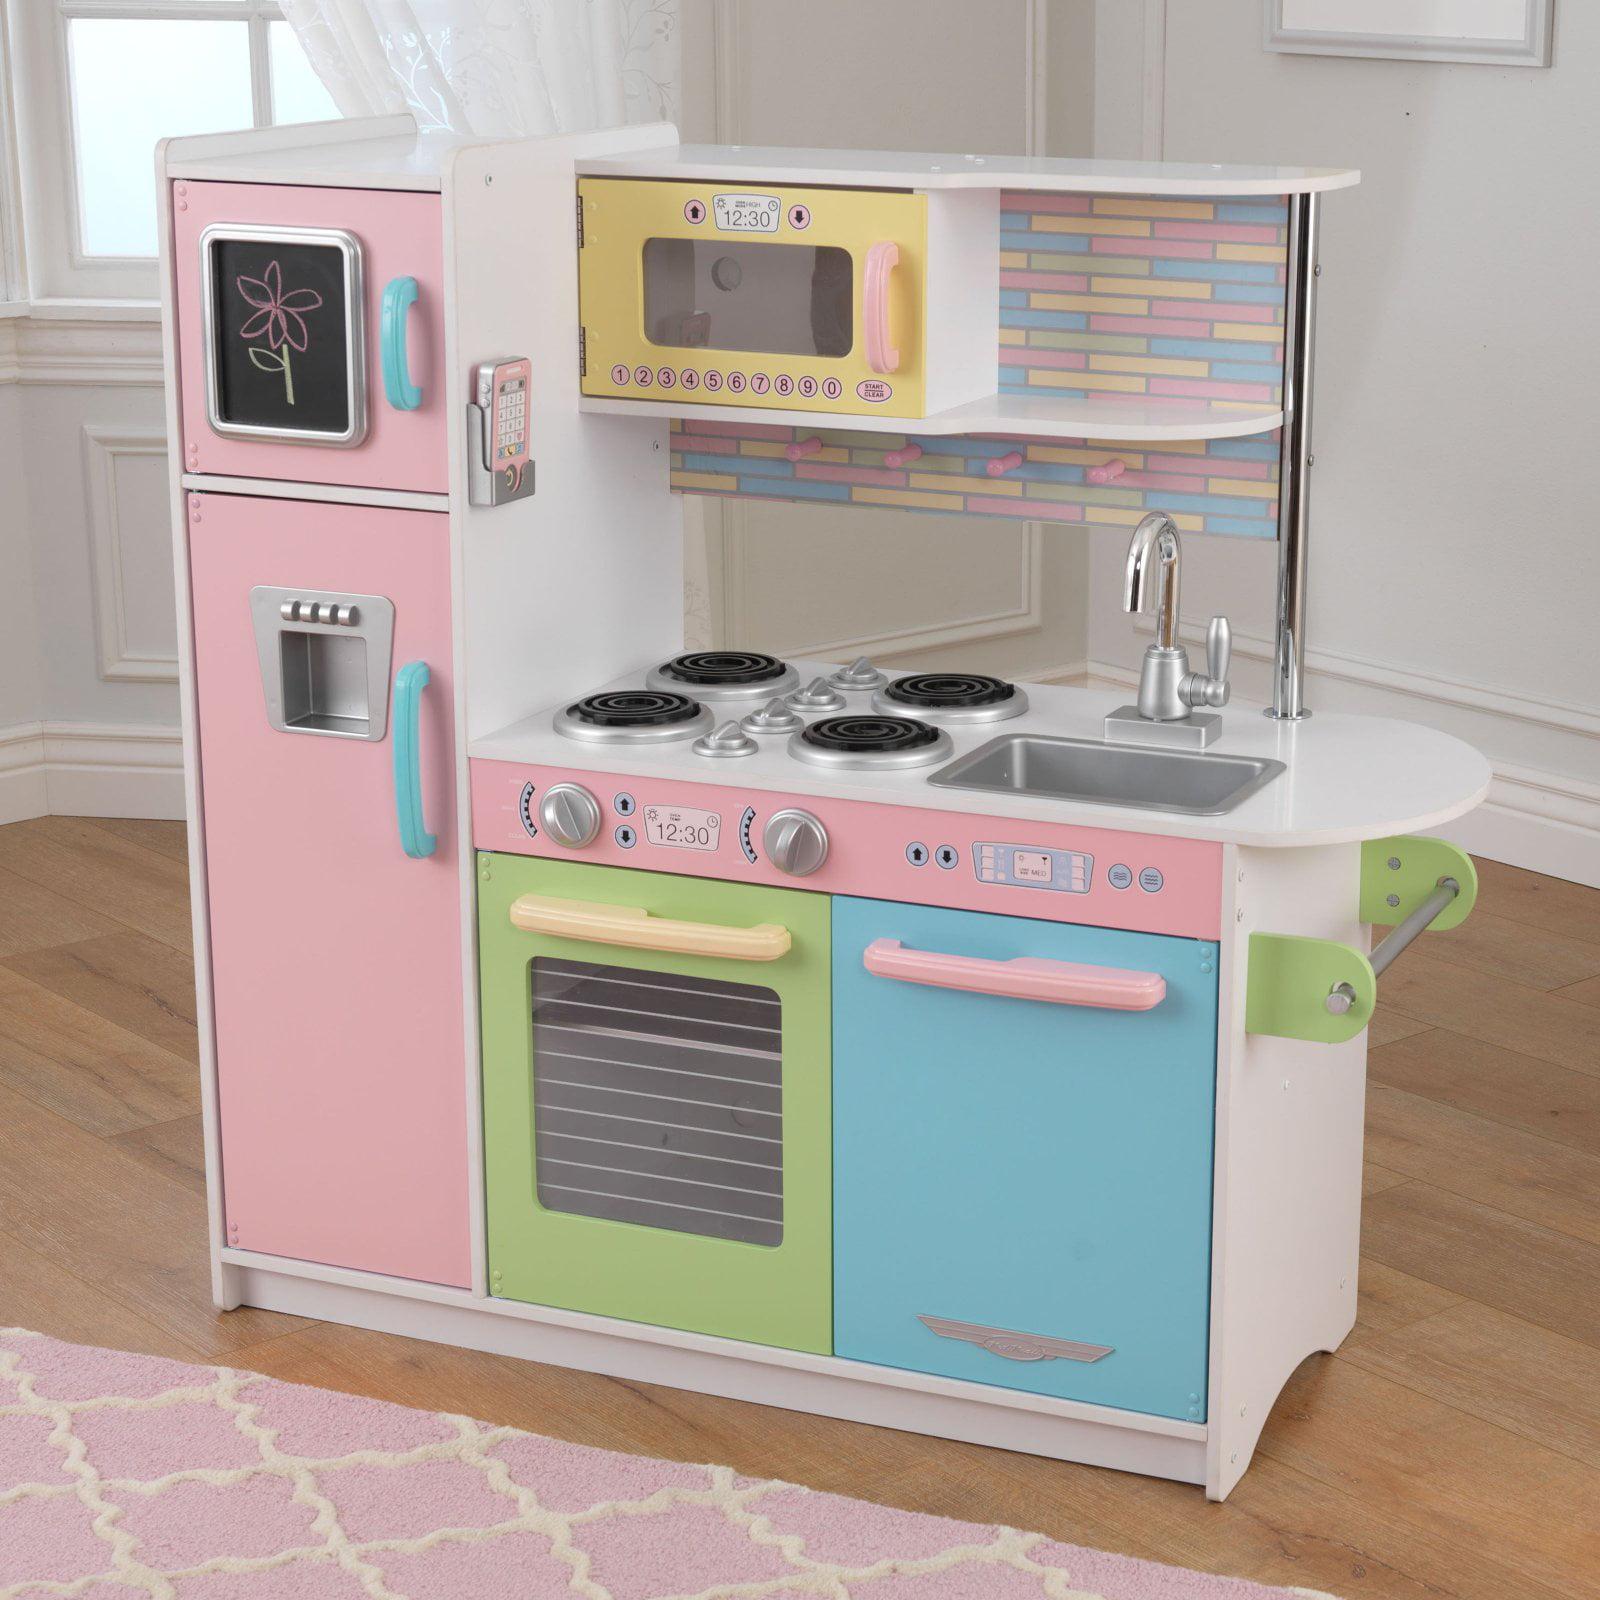 KidKraft Uptown Pastel Kitchen by KidKraft